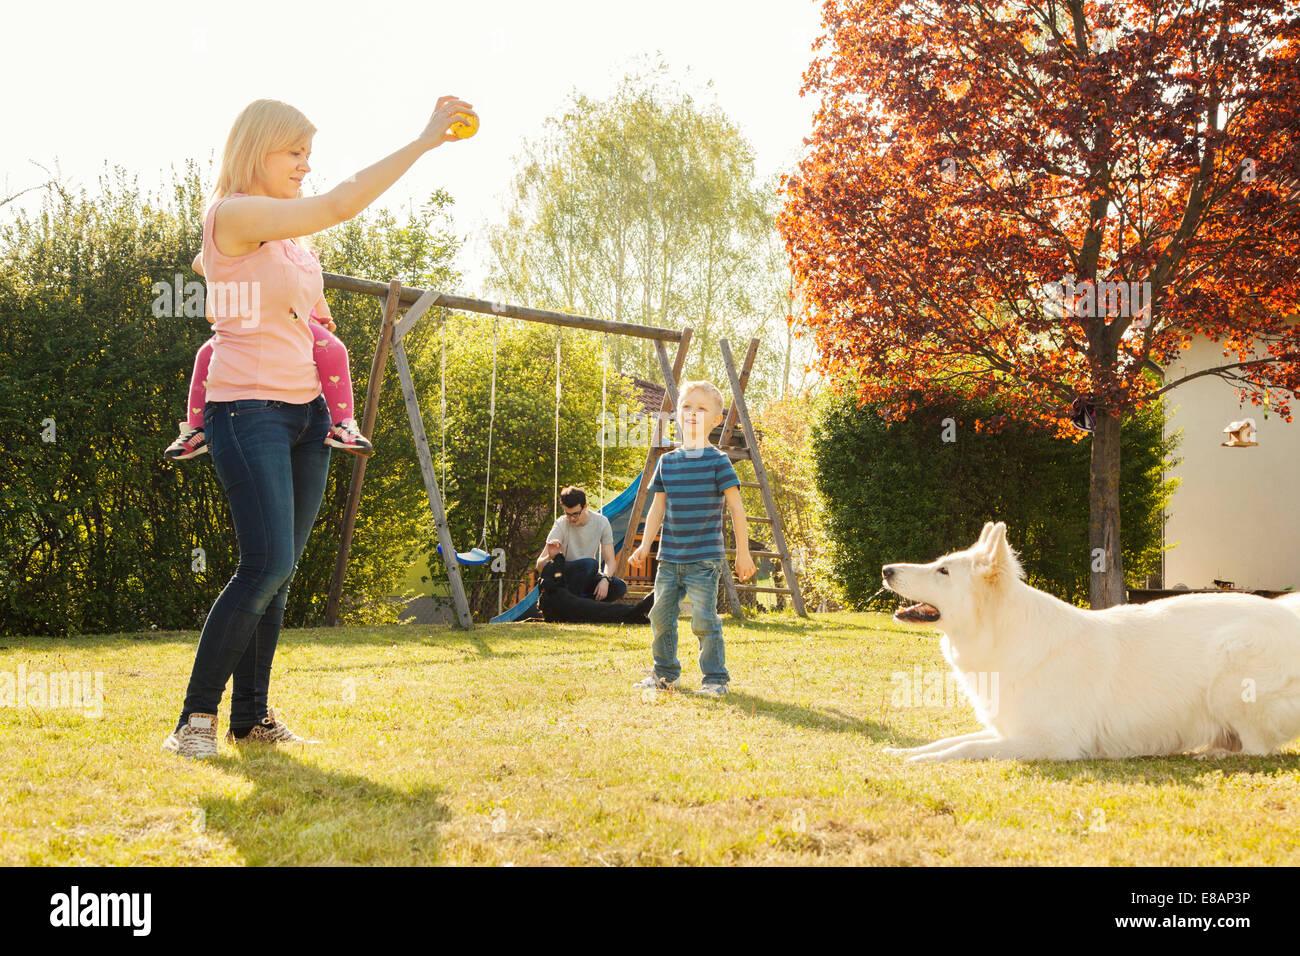 Family in garden training dog - Stock Image